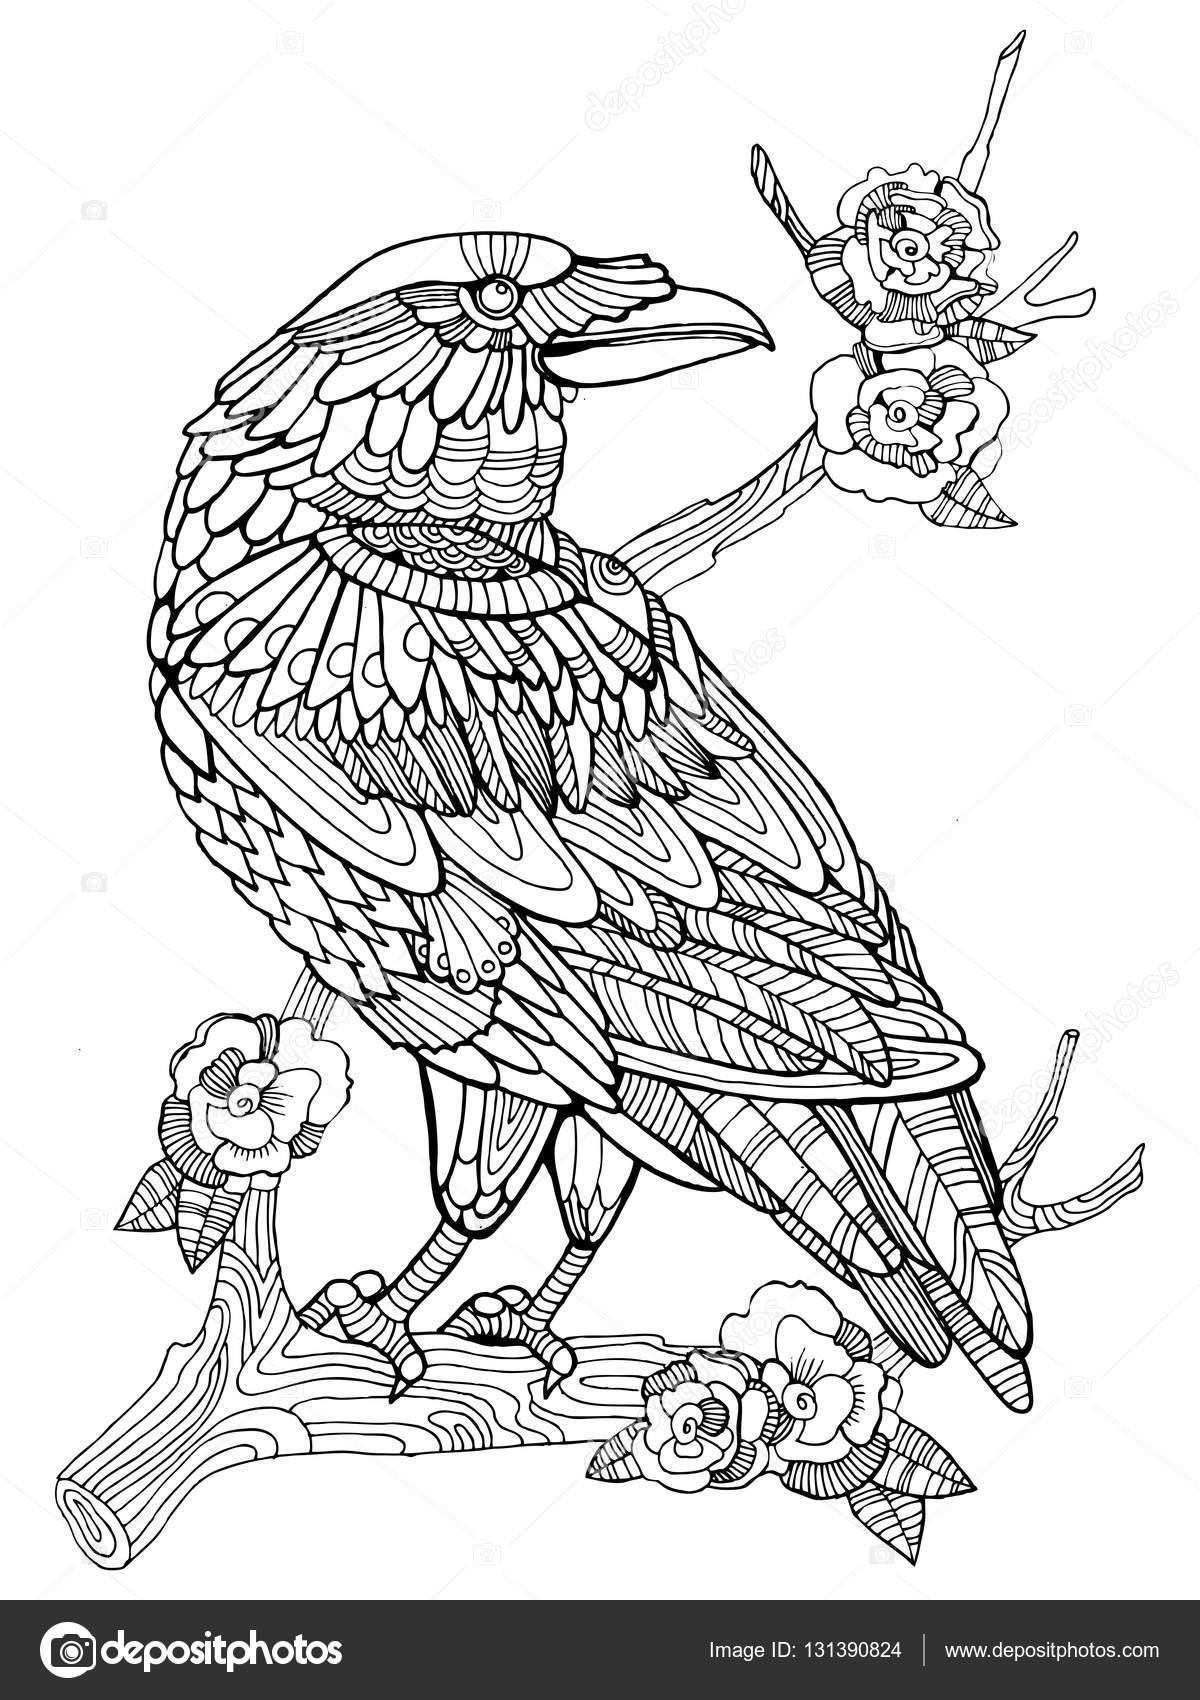 Coloriage De Mandala Doiseau.Vol D Oiseaux Livre A Colorier Pour Vecteur Adultes Image